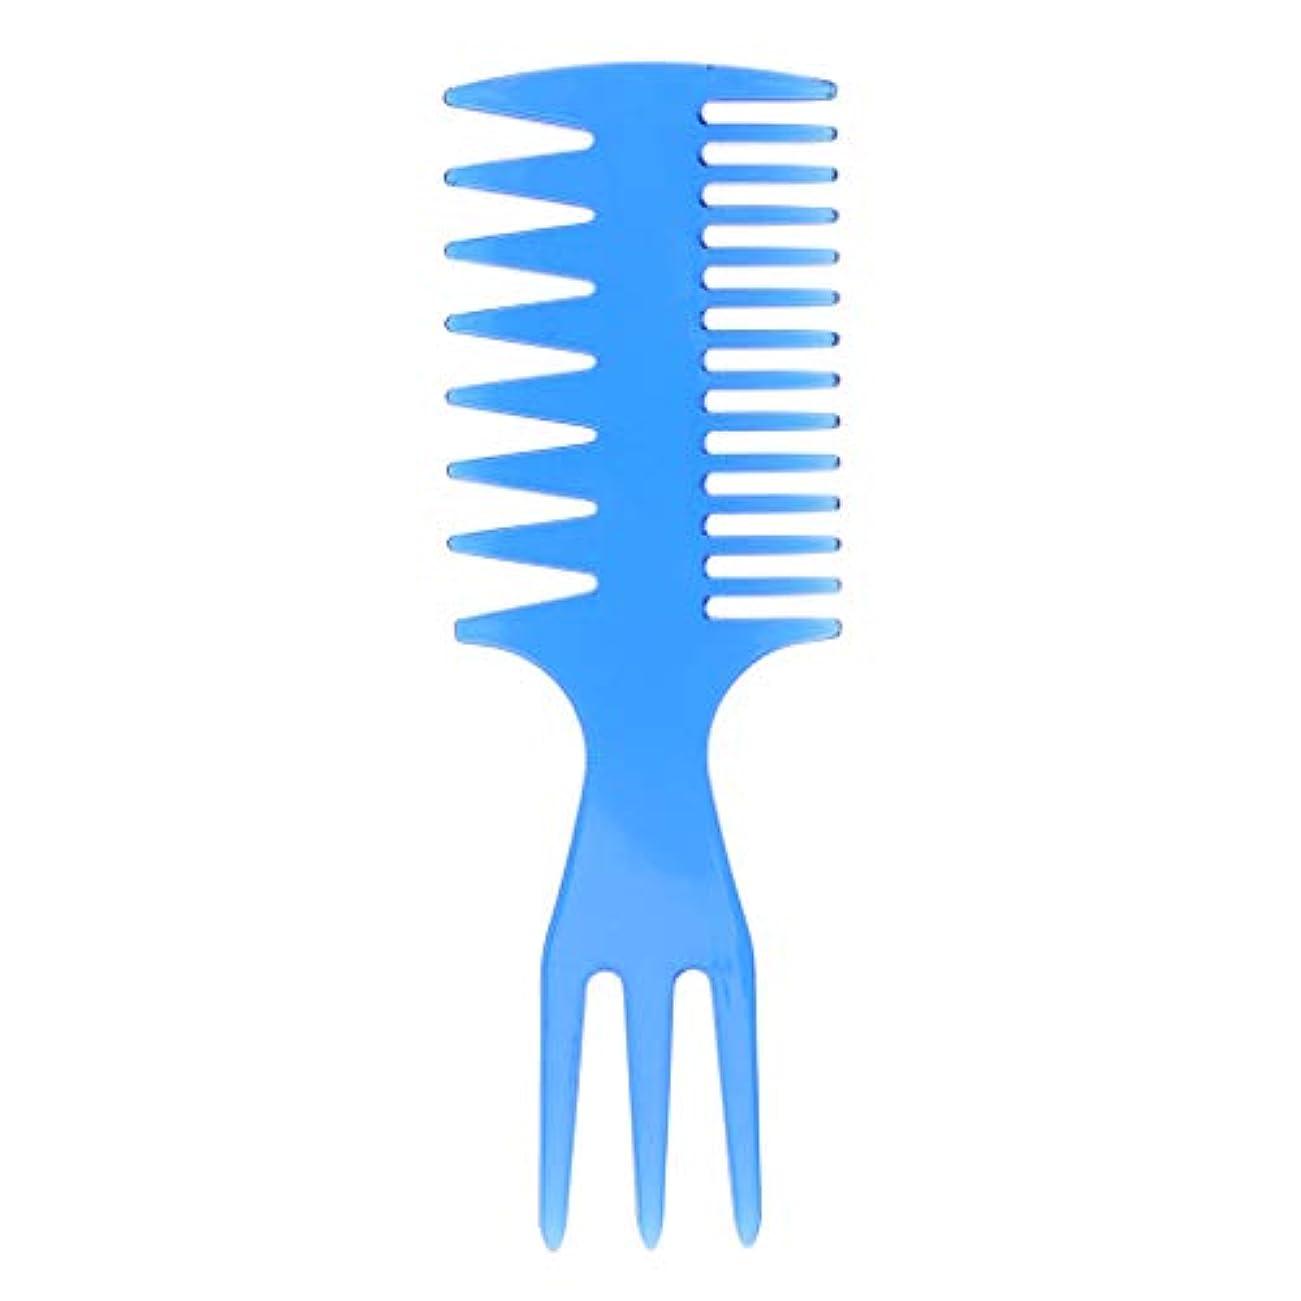 ボード悪党意図する1つの人の油性毛の一突きの櫛の大広間の染料の理髪のスタイリング広い歯に付き3つ